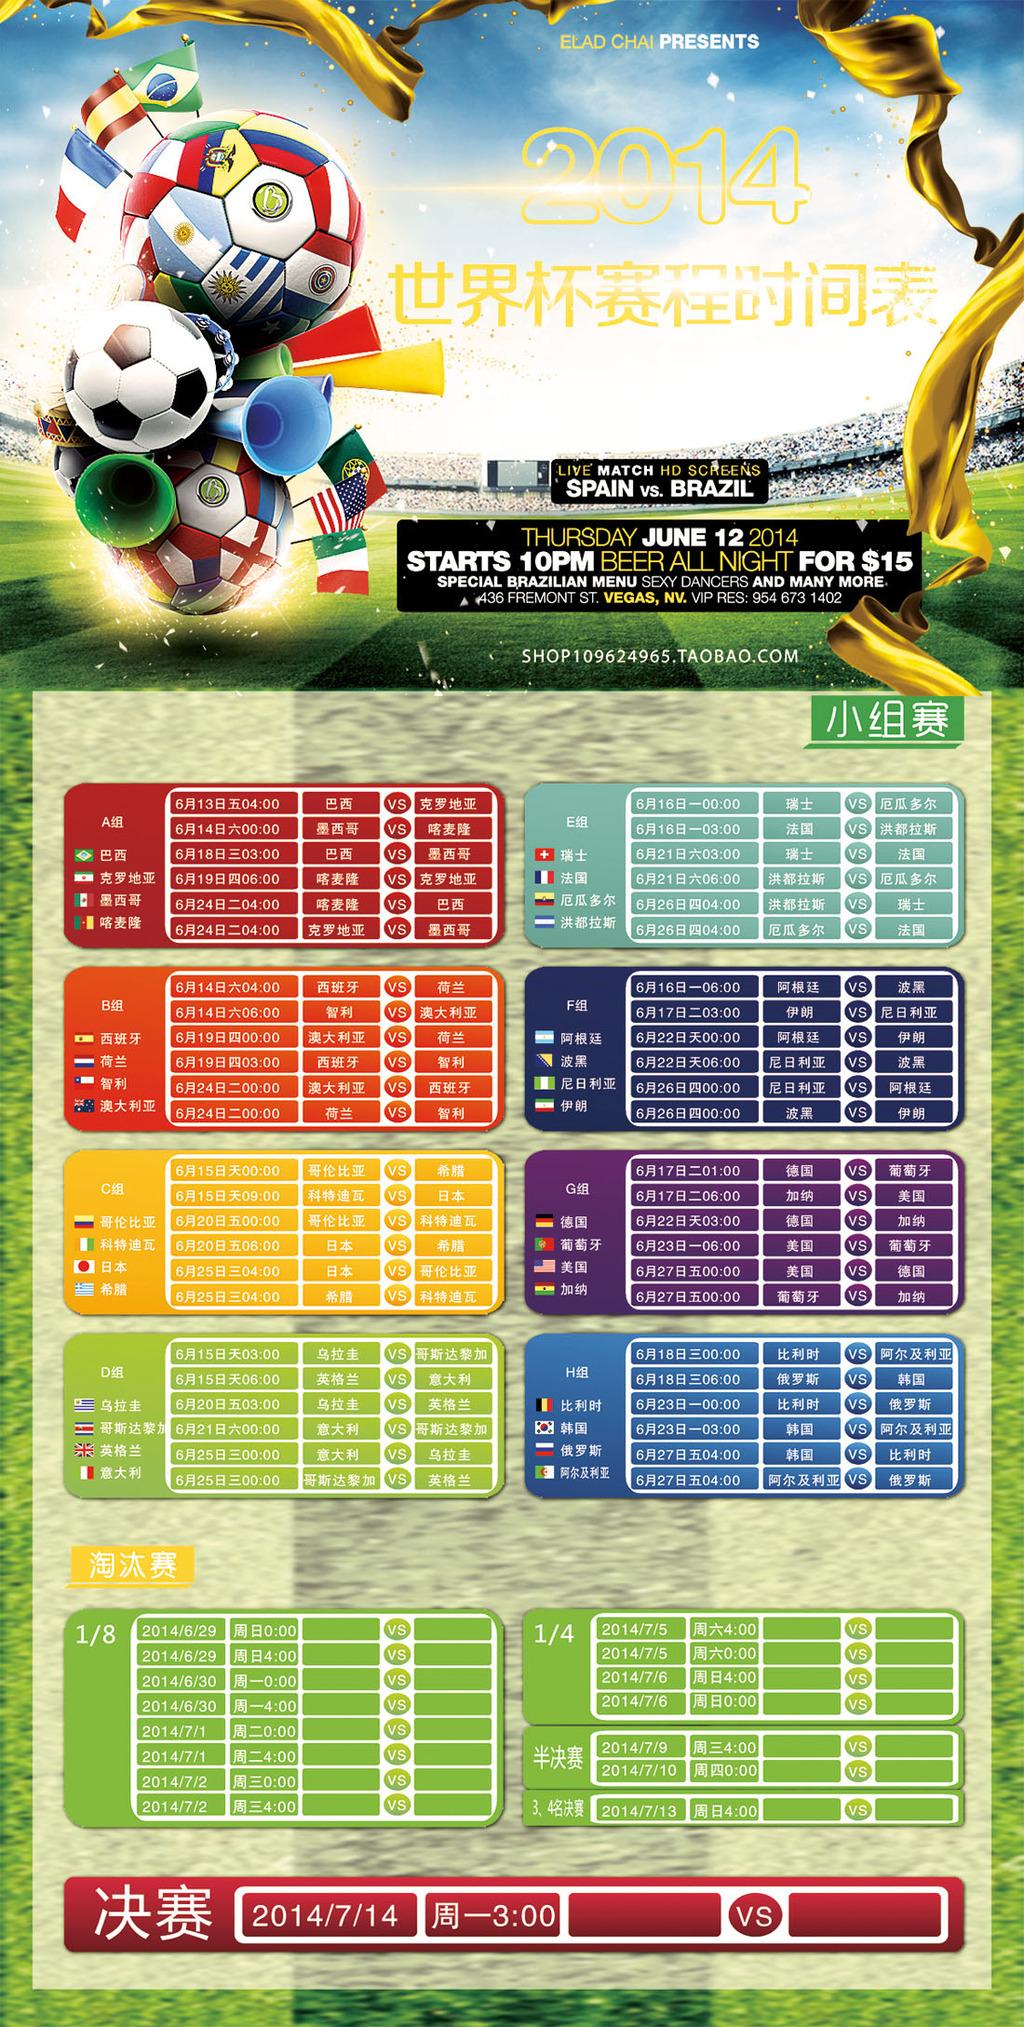 2014世界杯赛程表模板下载 12147492